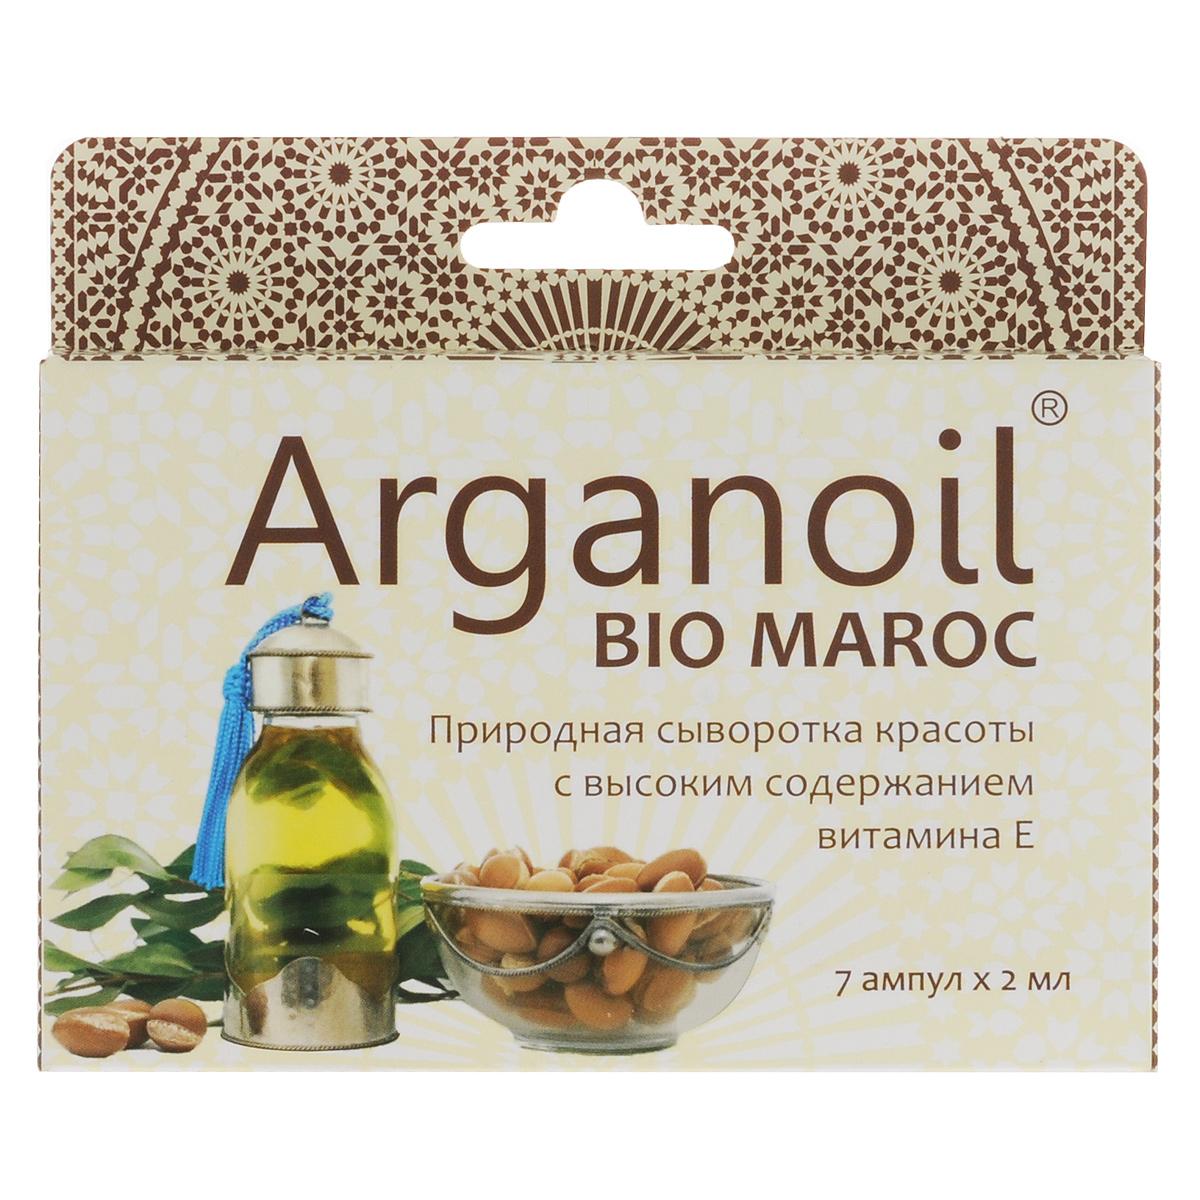 Дом Арганы Масло Арганы для лица и тела Arganoil Bio Maroc, косметическое, 7х2 мл72523WDУникальный эликсир молодости и красоты. Высокое содержание природного витамина Е и ненасыщенных жирных кислот. Масло питает, смягчает, усиливает обменные и регенерационные процессы кожных покровов, стимулирует выработку эластина и коллагена, запускает в организме процессы метаболизма и интенсивного омолаживающего действия. Увлажняет, защищая кожу от сухости и раздражения. Прекрасно впитывается, улучшая состояние кожного покрова. Разглаживает неглубокие морщины, подтягивая контур лица. Идеально подходит для любого типа кожи.Товар сертифицирован.